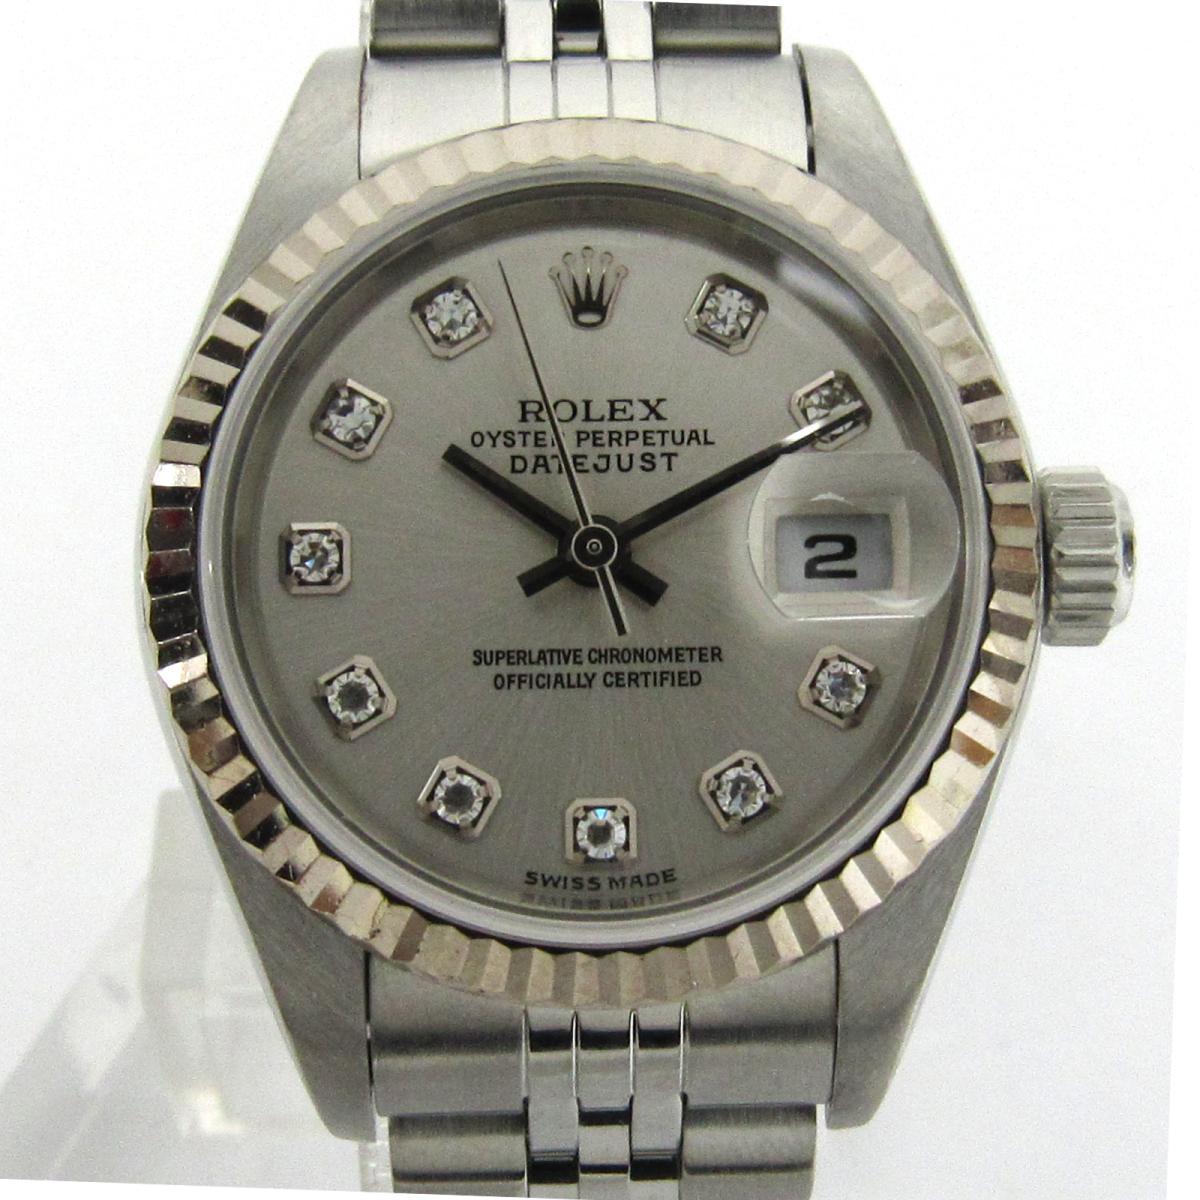 デイトジャスト 10Pダイヤモンド/腕時計/レディース